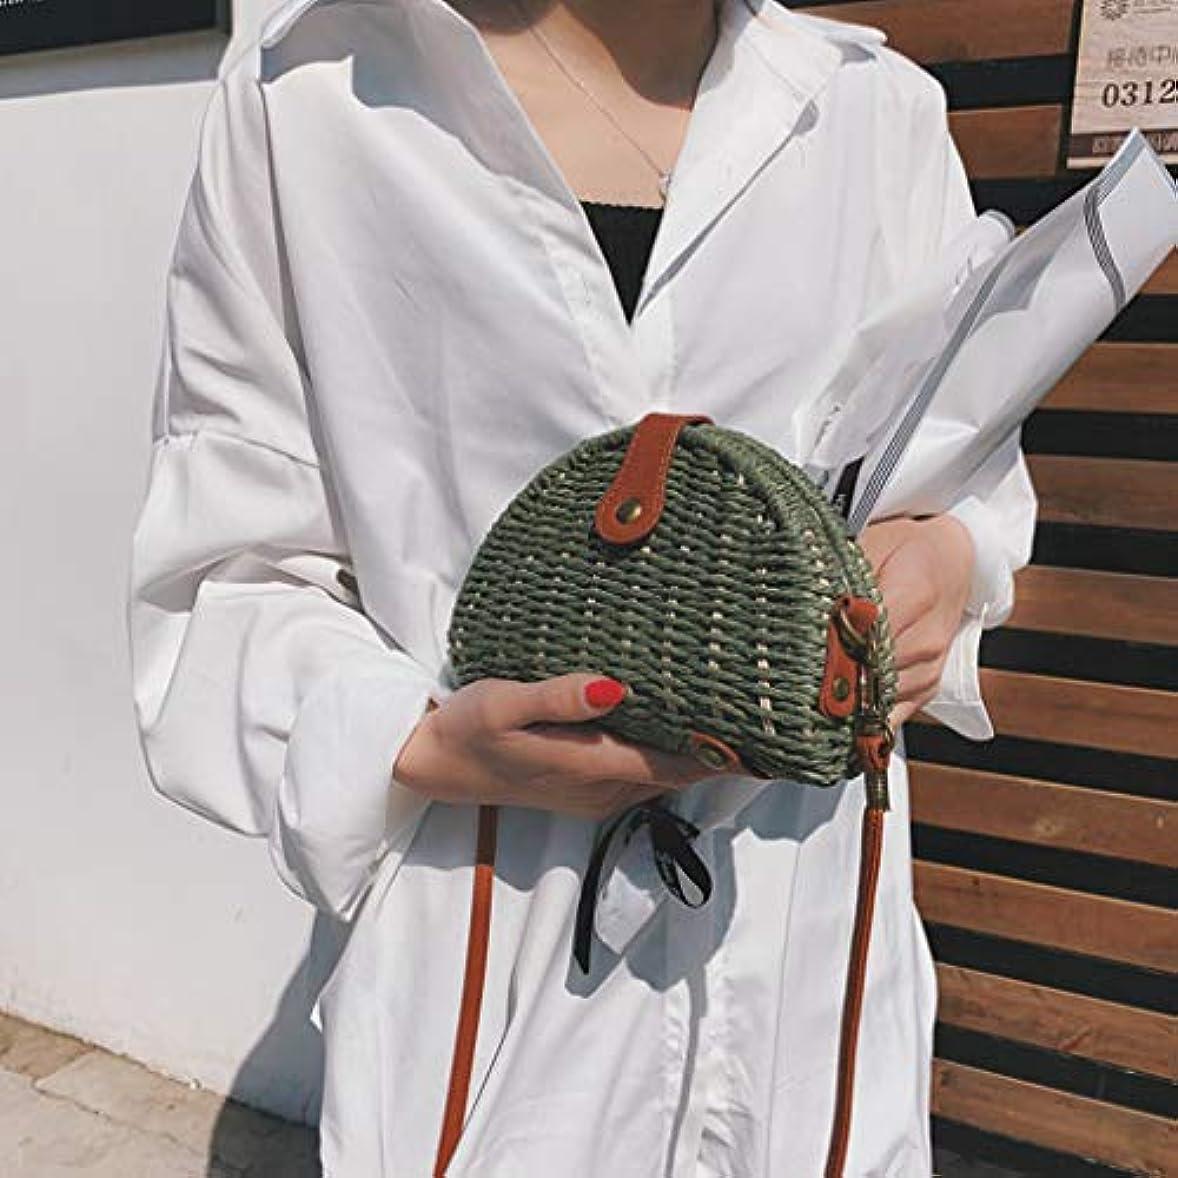 思いつくチャペルポイント女性ミニ織りビーチショルダーバッグレディースボヘミアンスタイルレジャーハンドバッグ、女性のミニ織クロスボディバッグ、レディースミニファッションビーチスタイルクロスボディバッグ (緑)